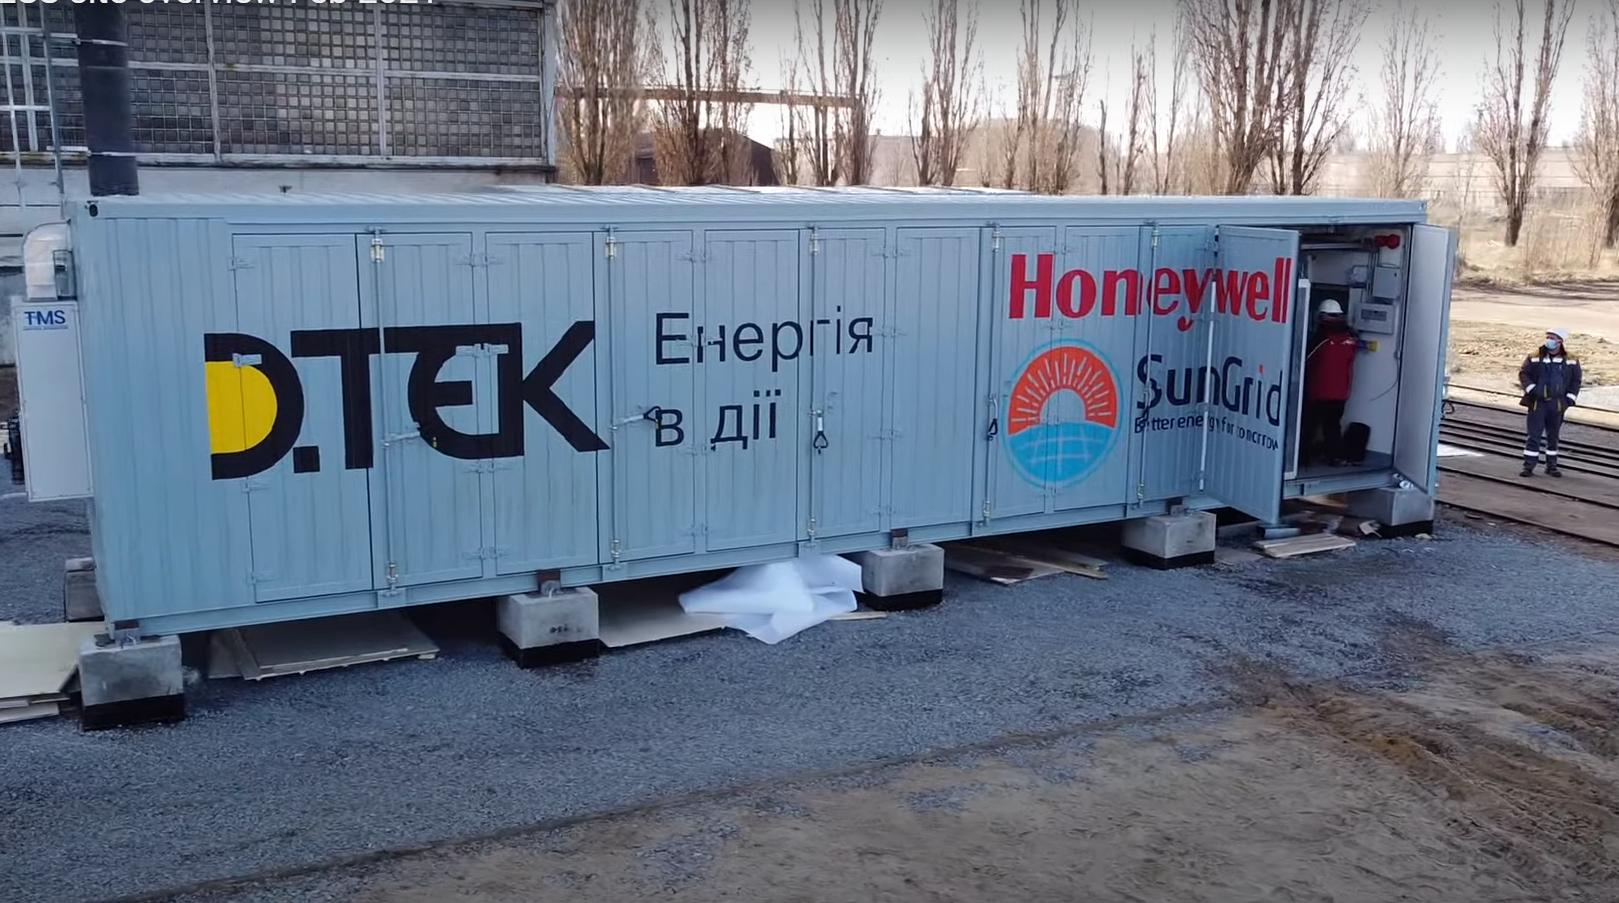 ДТЭК начал пусконаладочные работы на первой промышленной системе накопления энергии